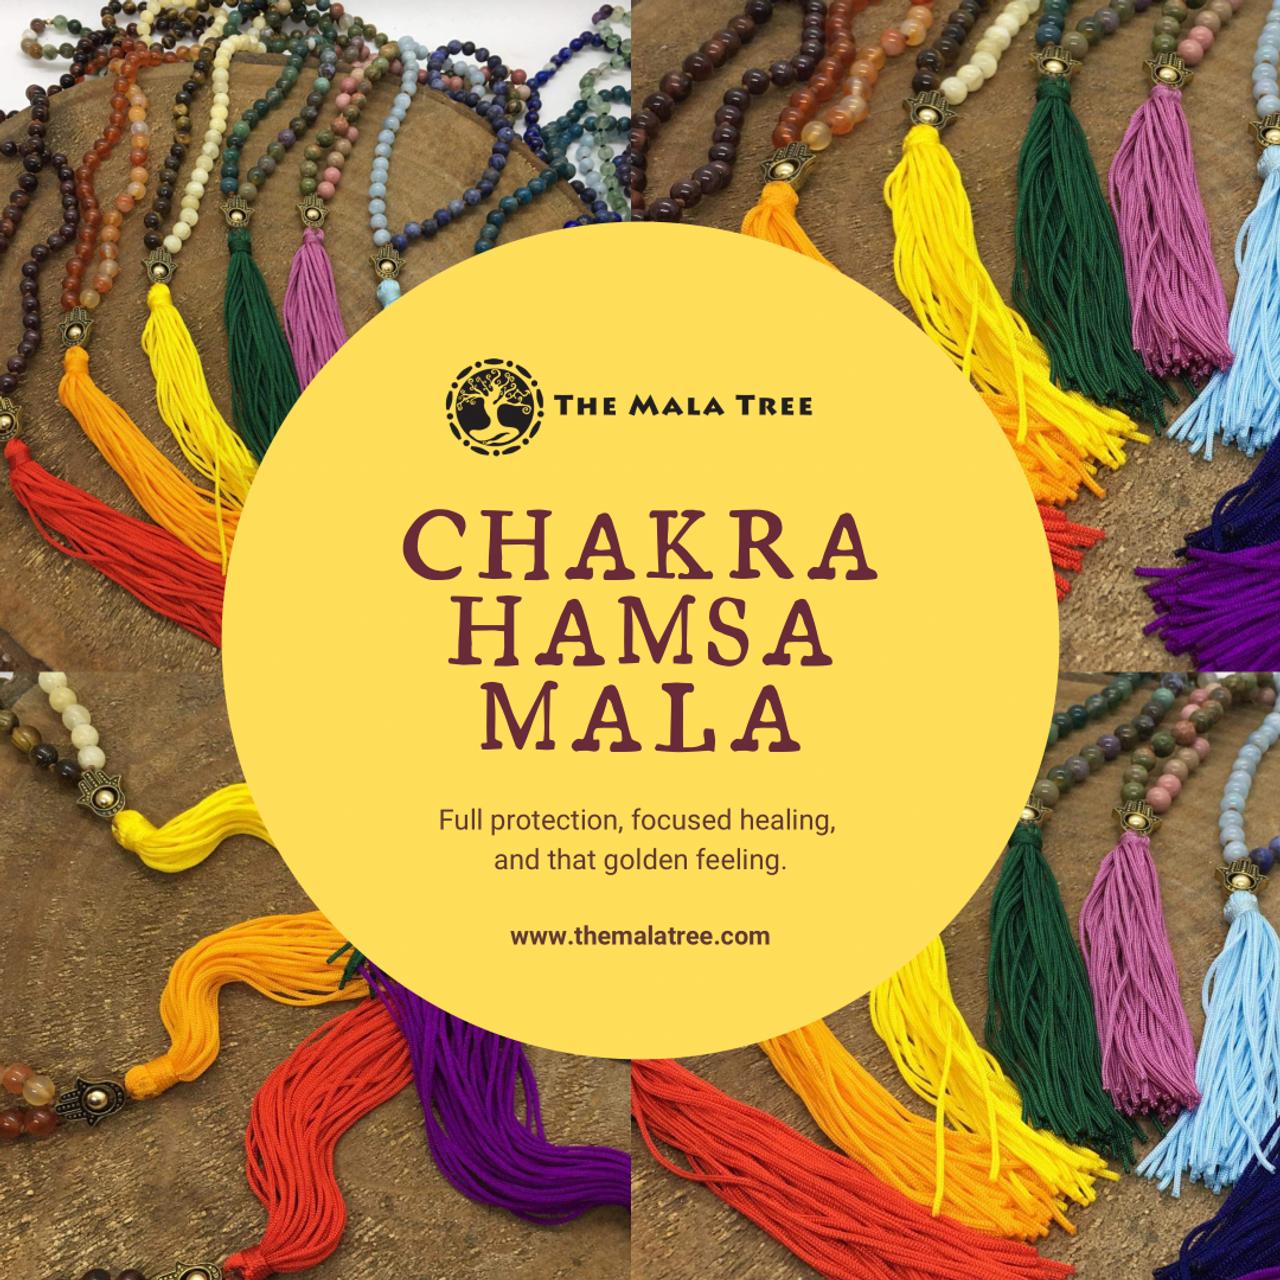 Chakra Hamsa Mala